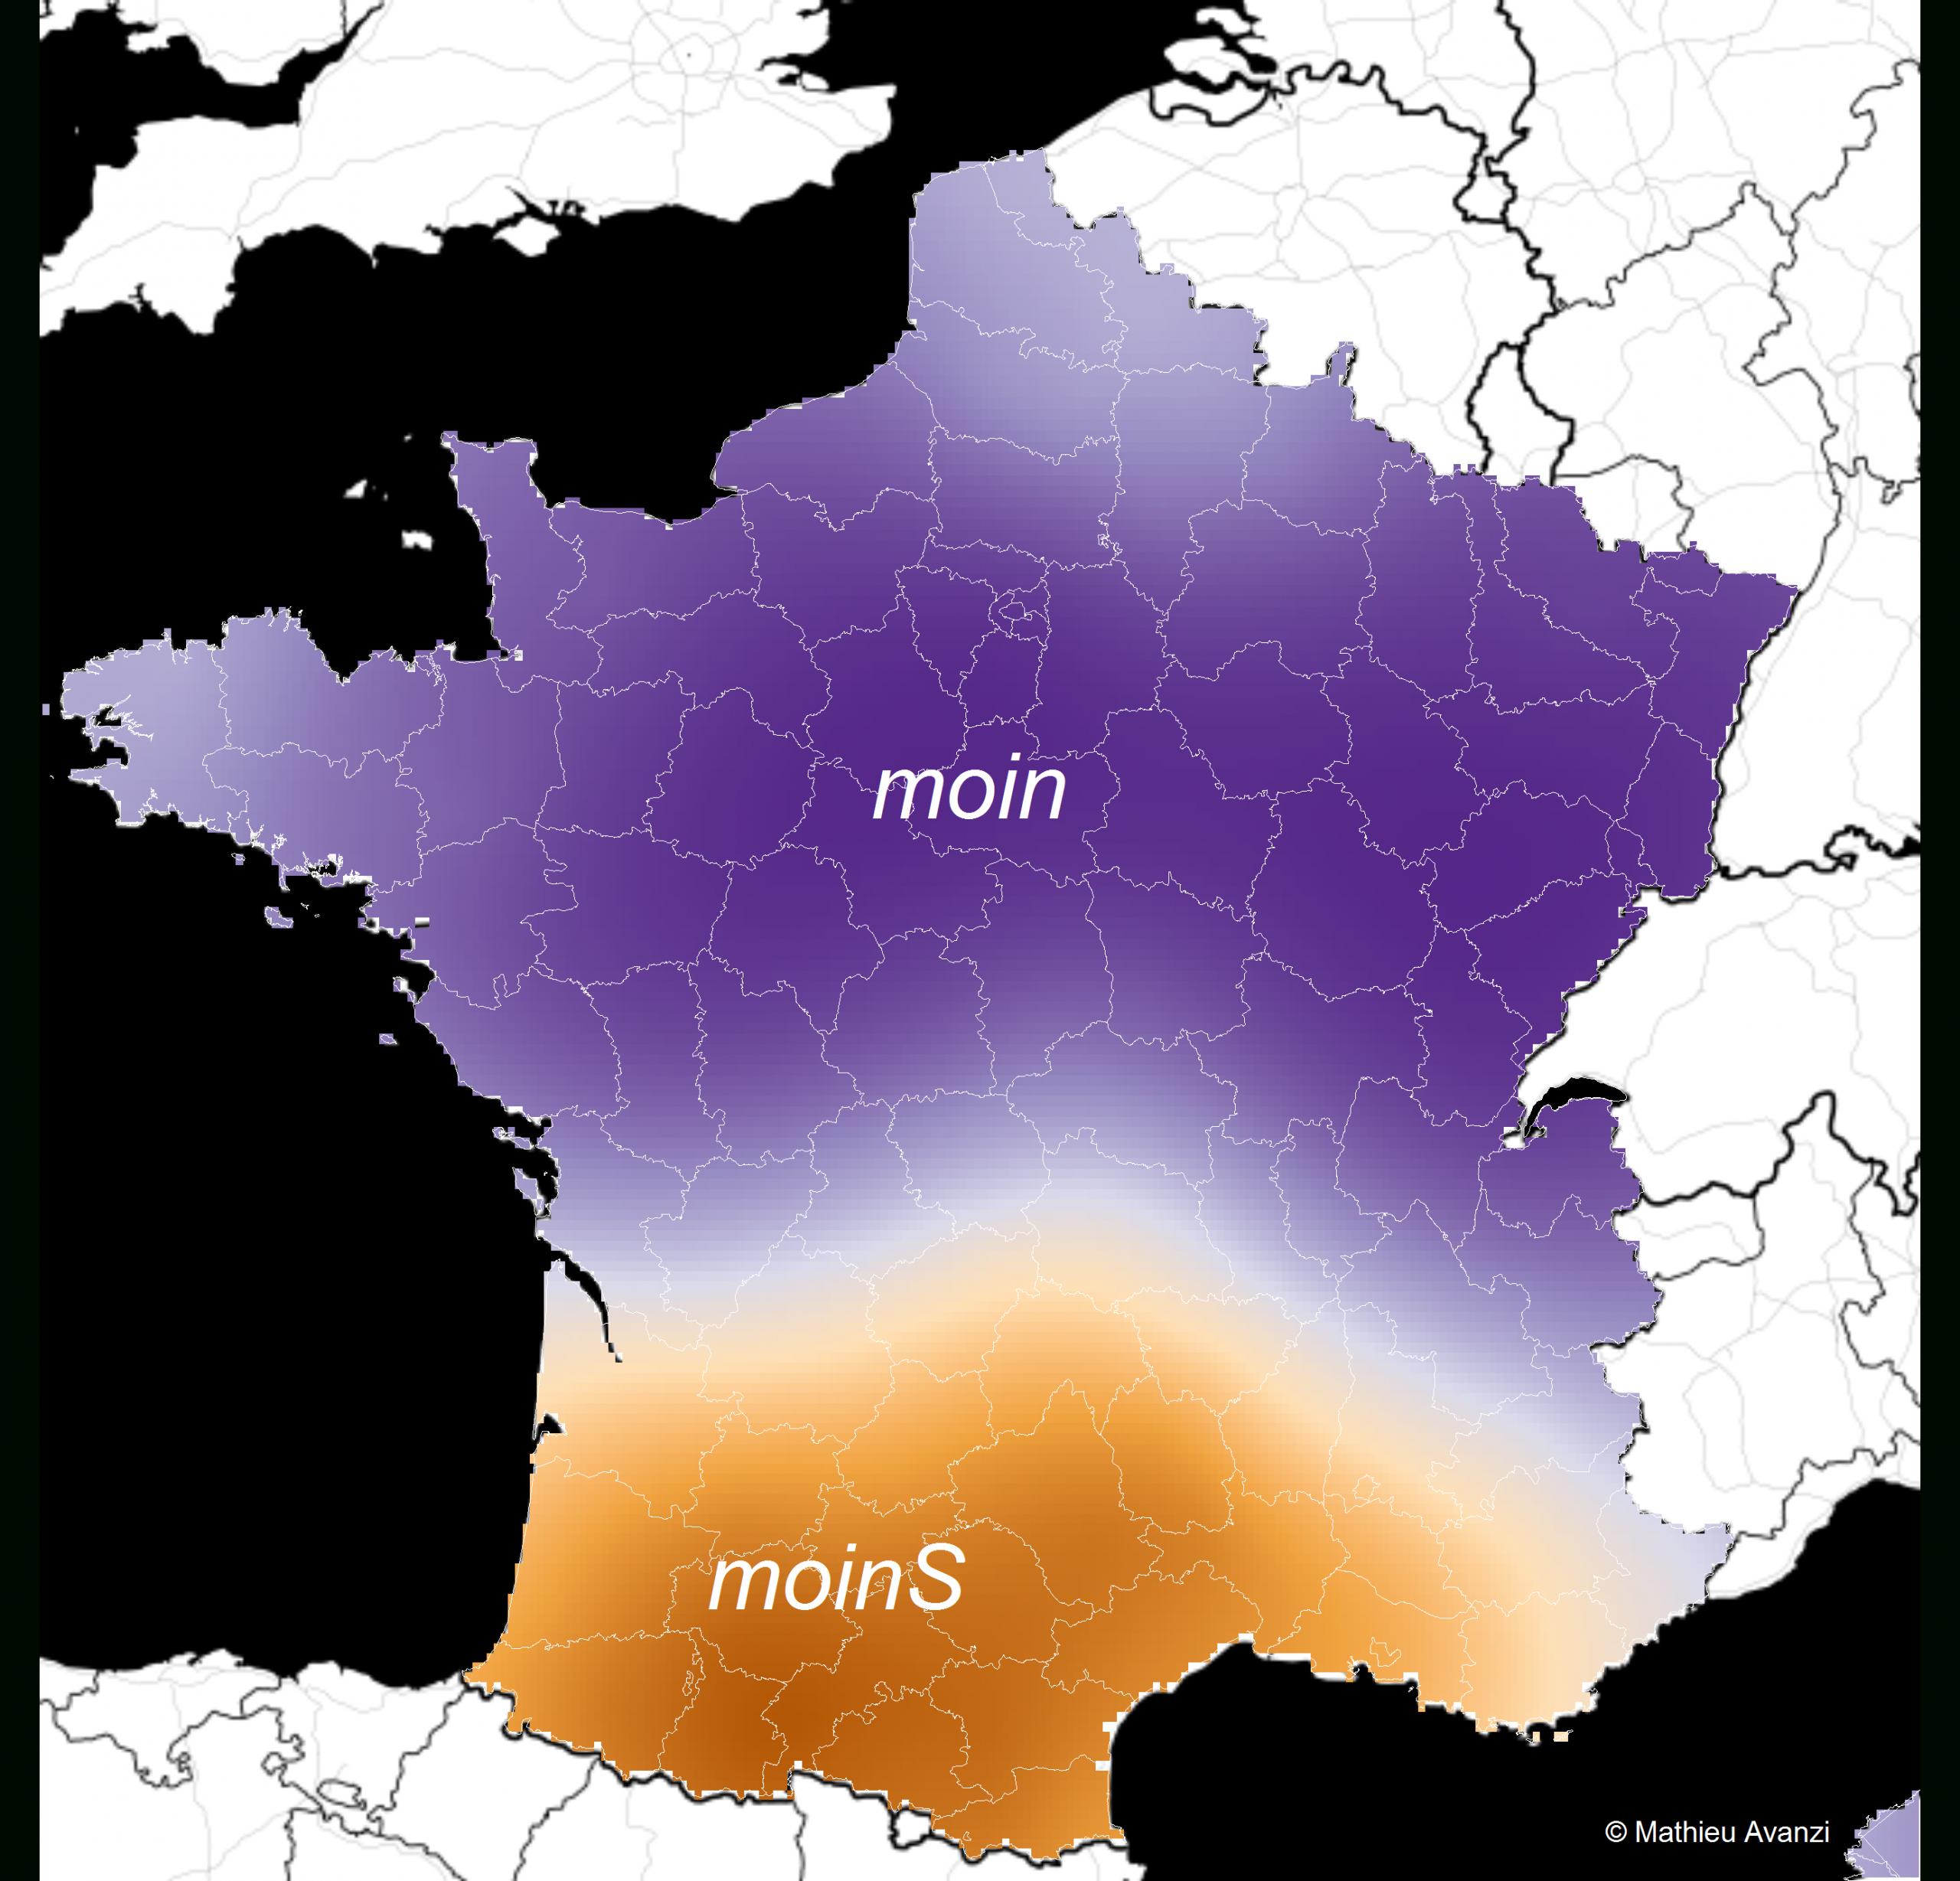 Ces Mots Qui Ne Se Prononcent Pas De La Même Façon D'un Bout pour Liste Des Régions Françaises